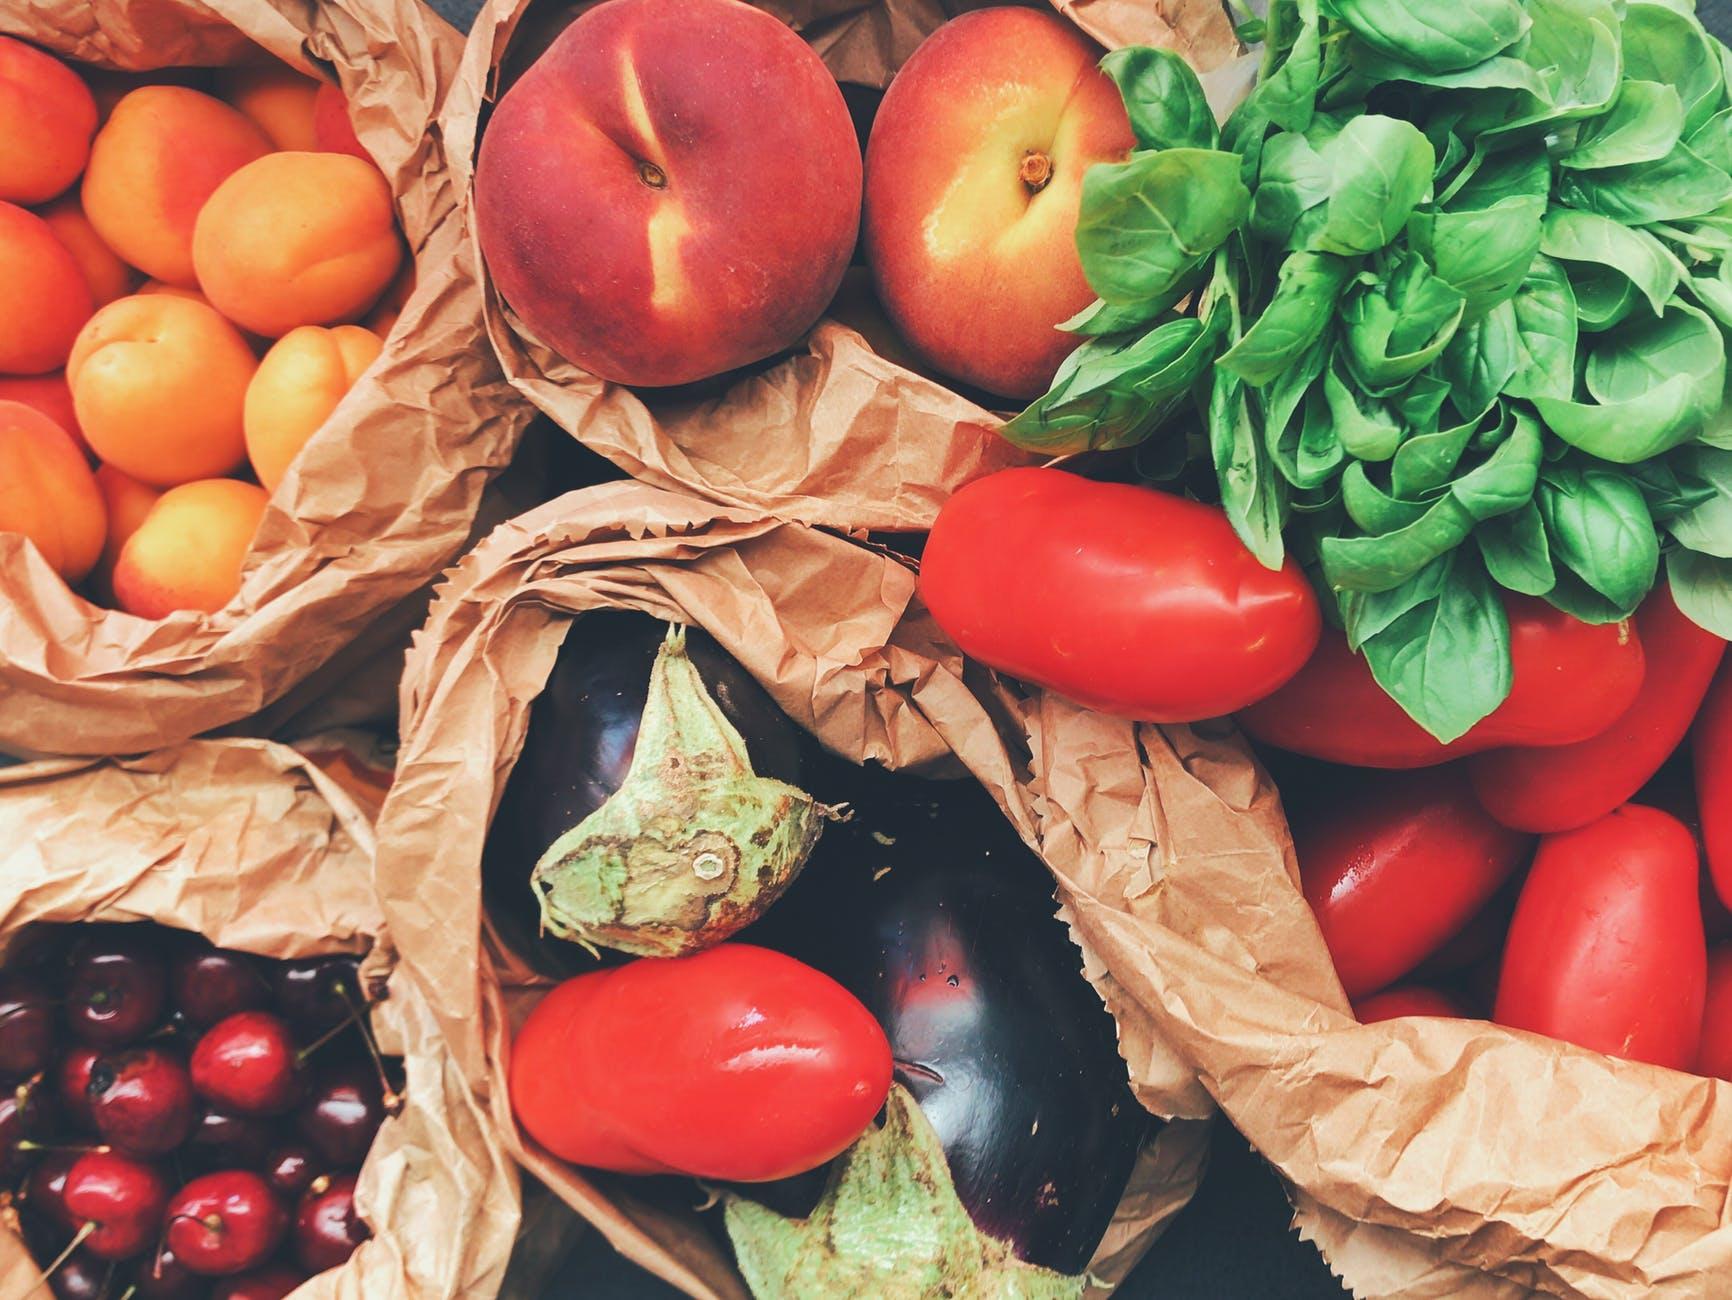 Paniers de légumes: soutenez l'économie locale!